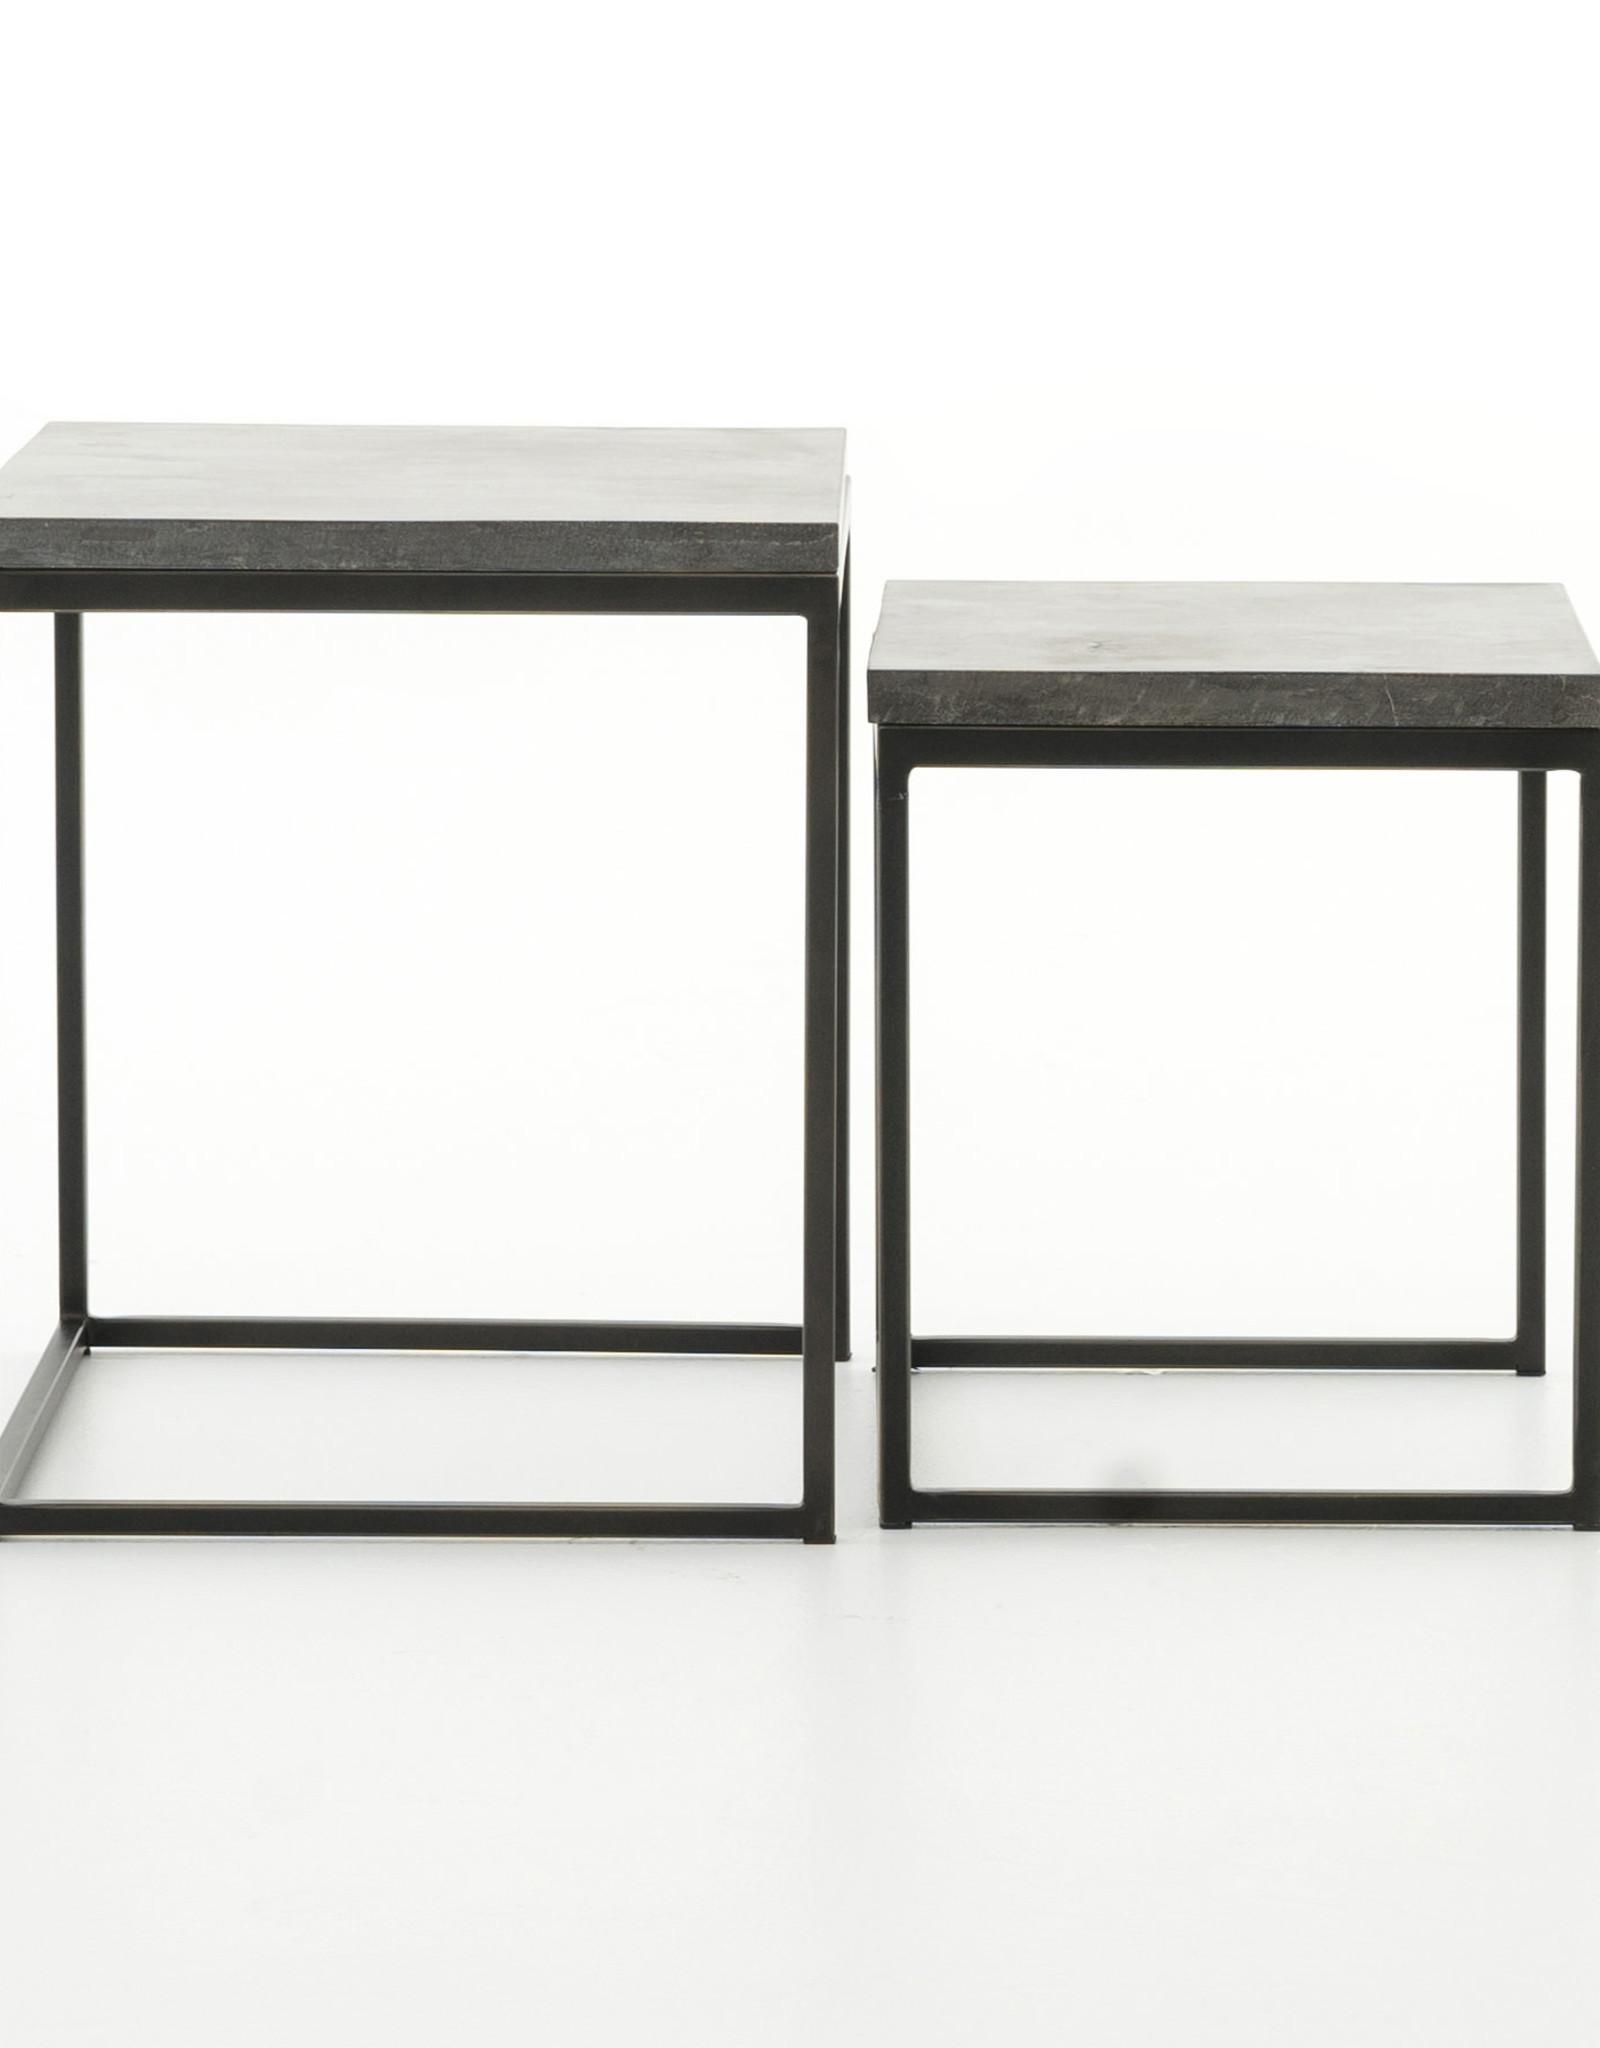 SIDE TABLE HARLOW BLUESTONE